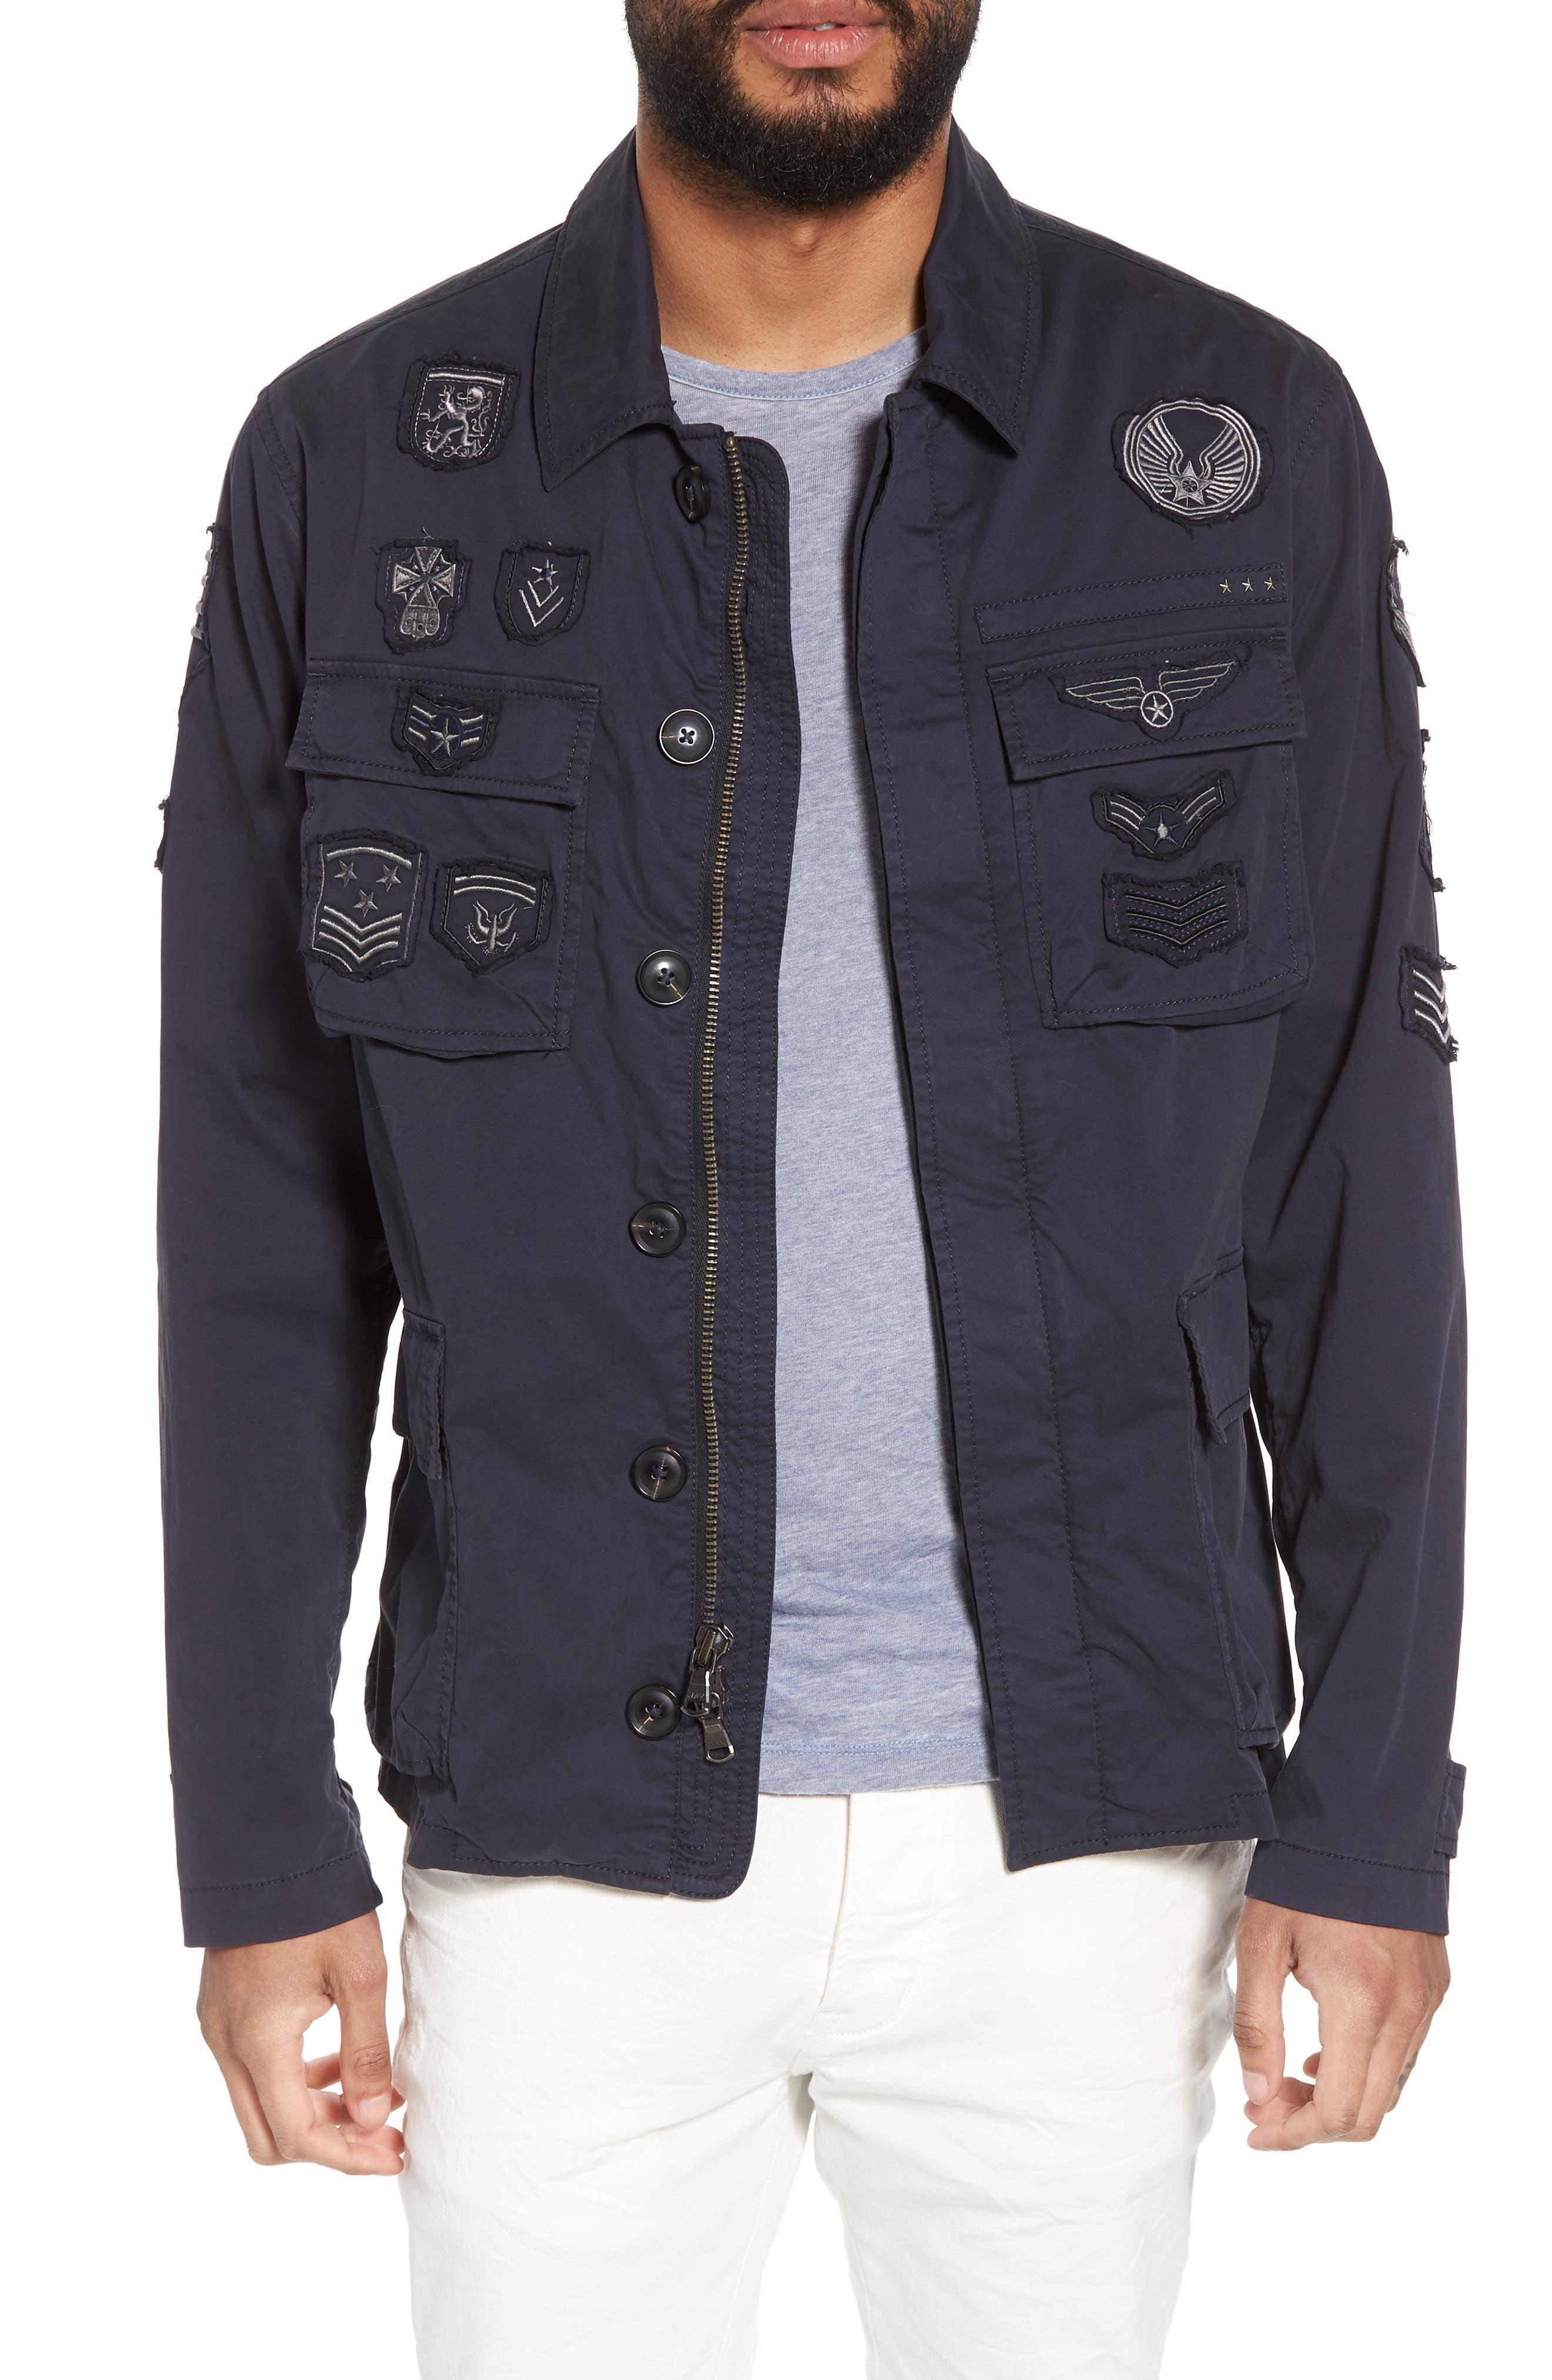 John Varvatos Regular Fit Patch Jacket